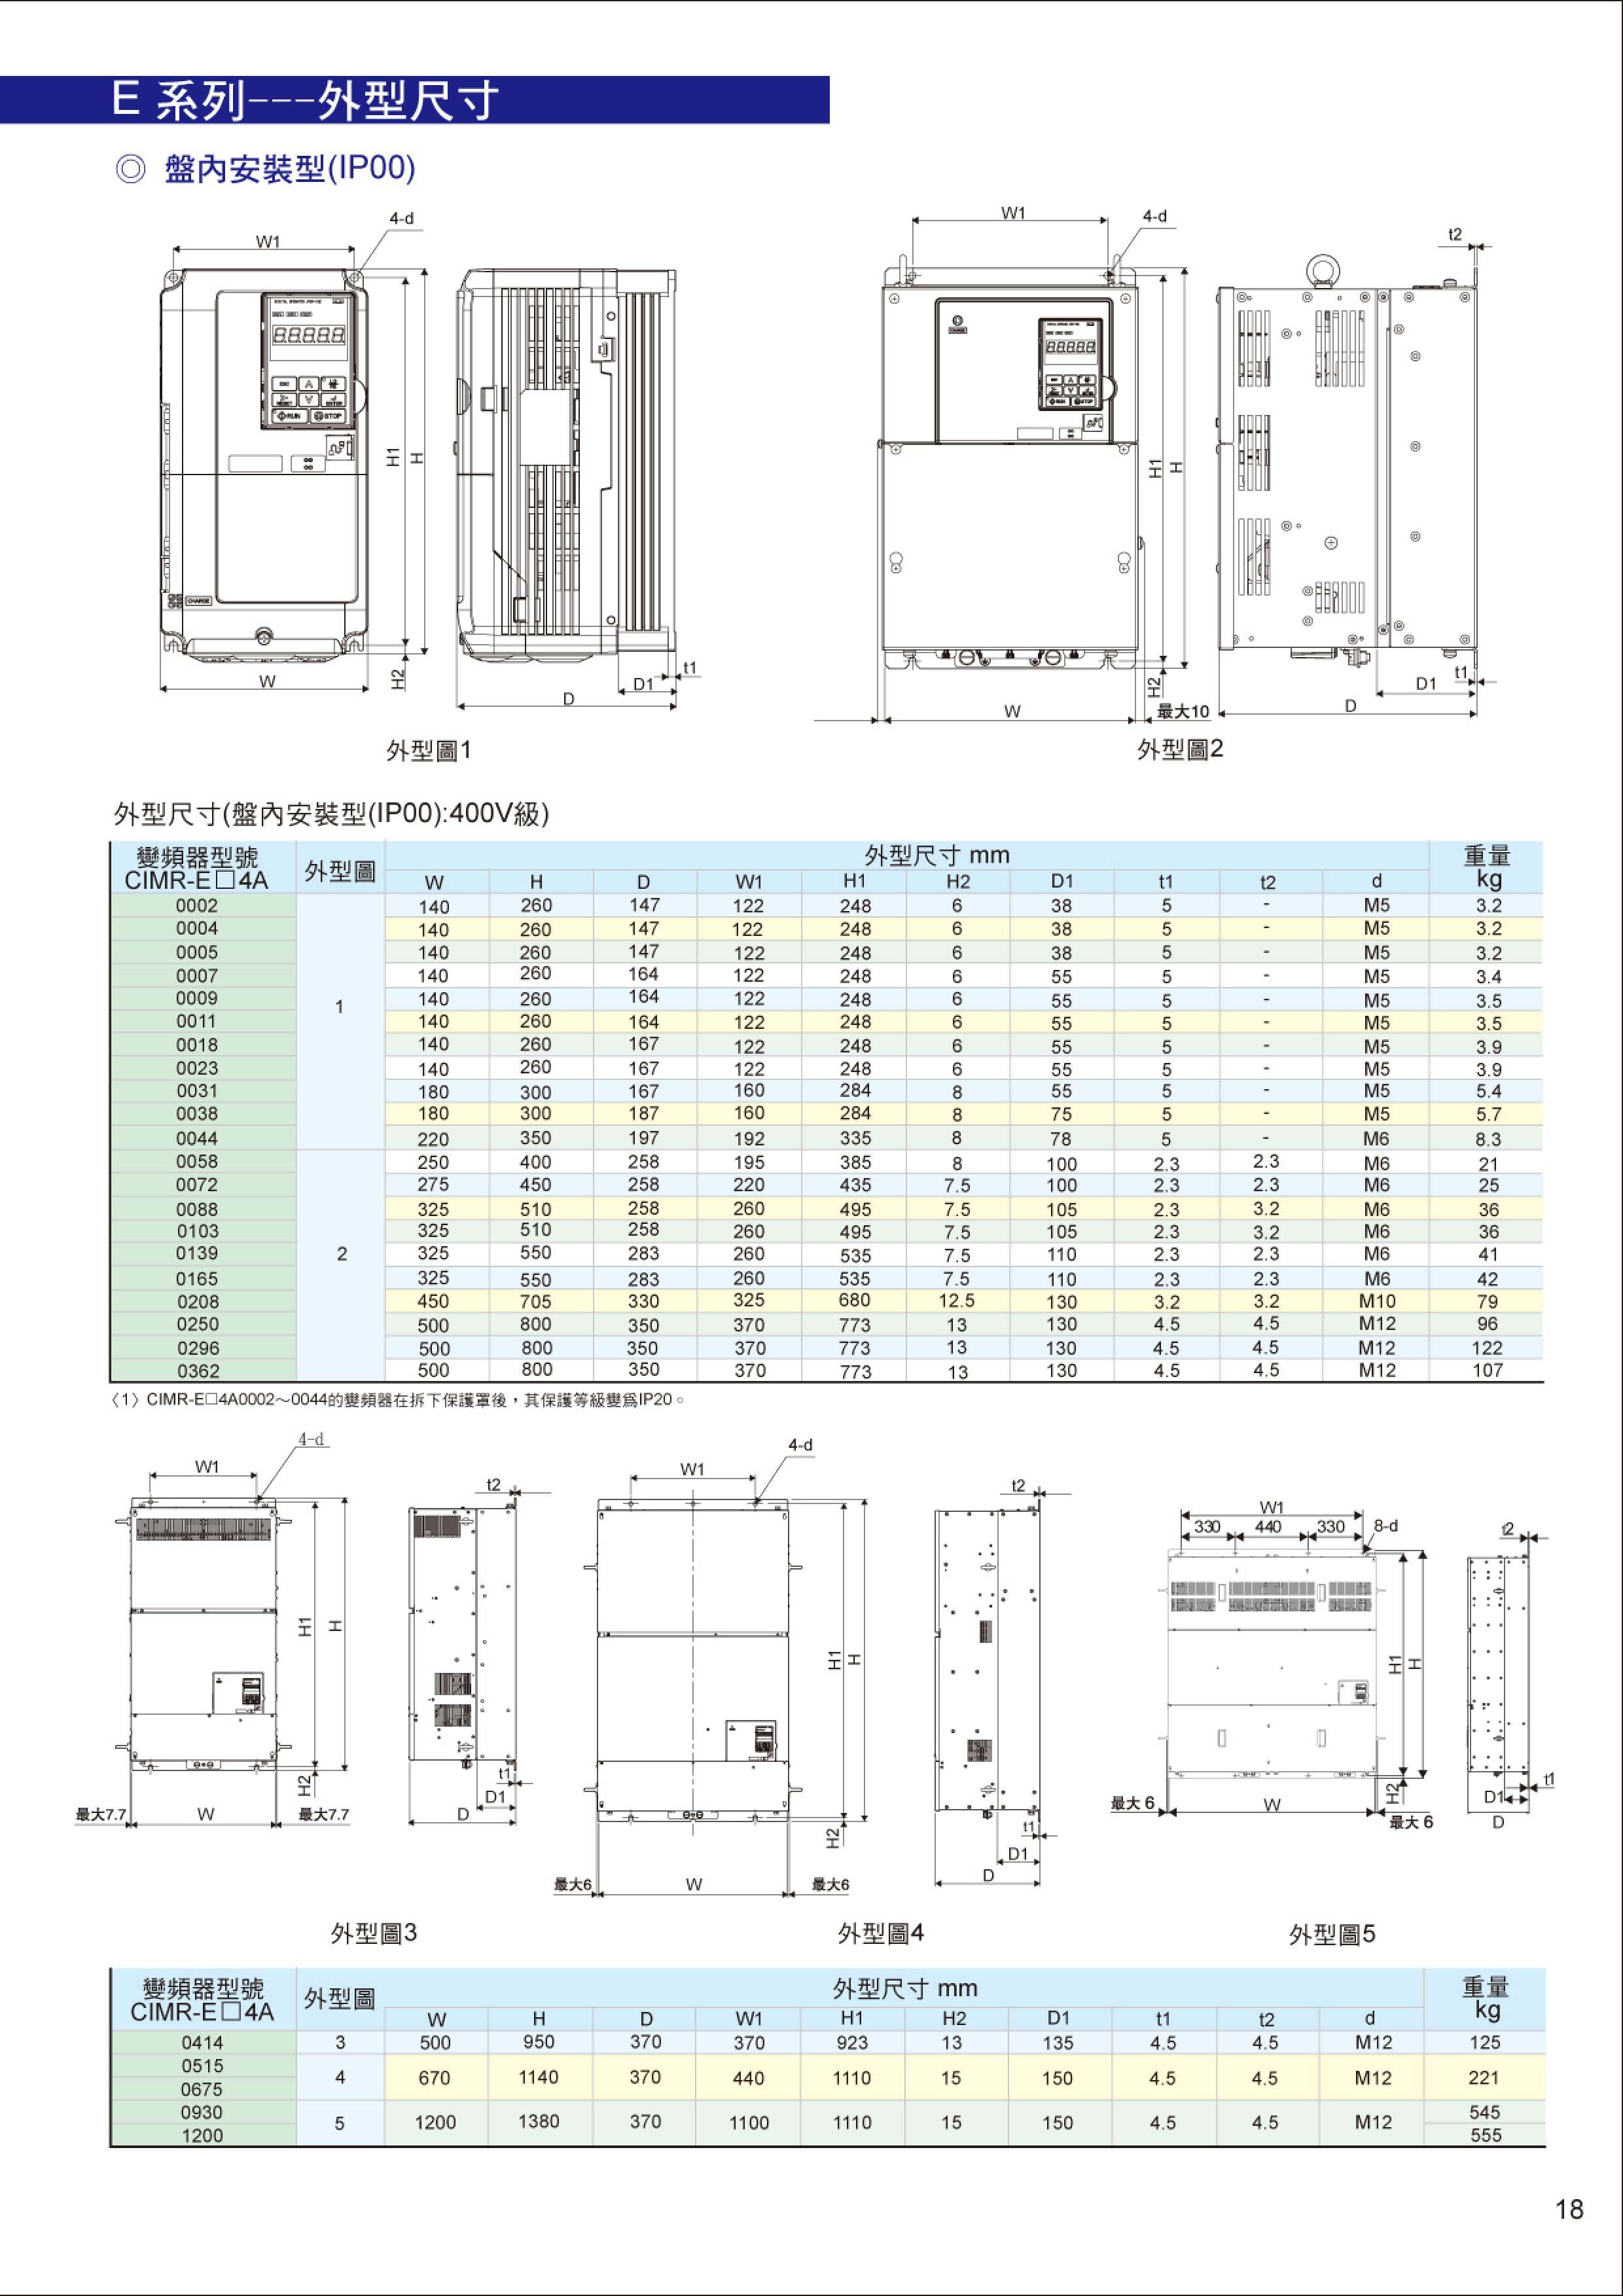 安川變頻器型錄-2012-07-19